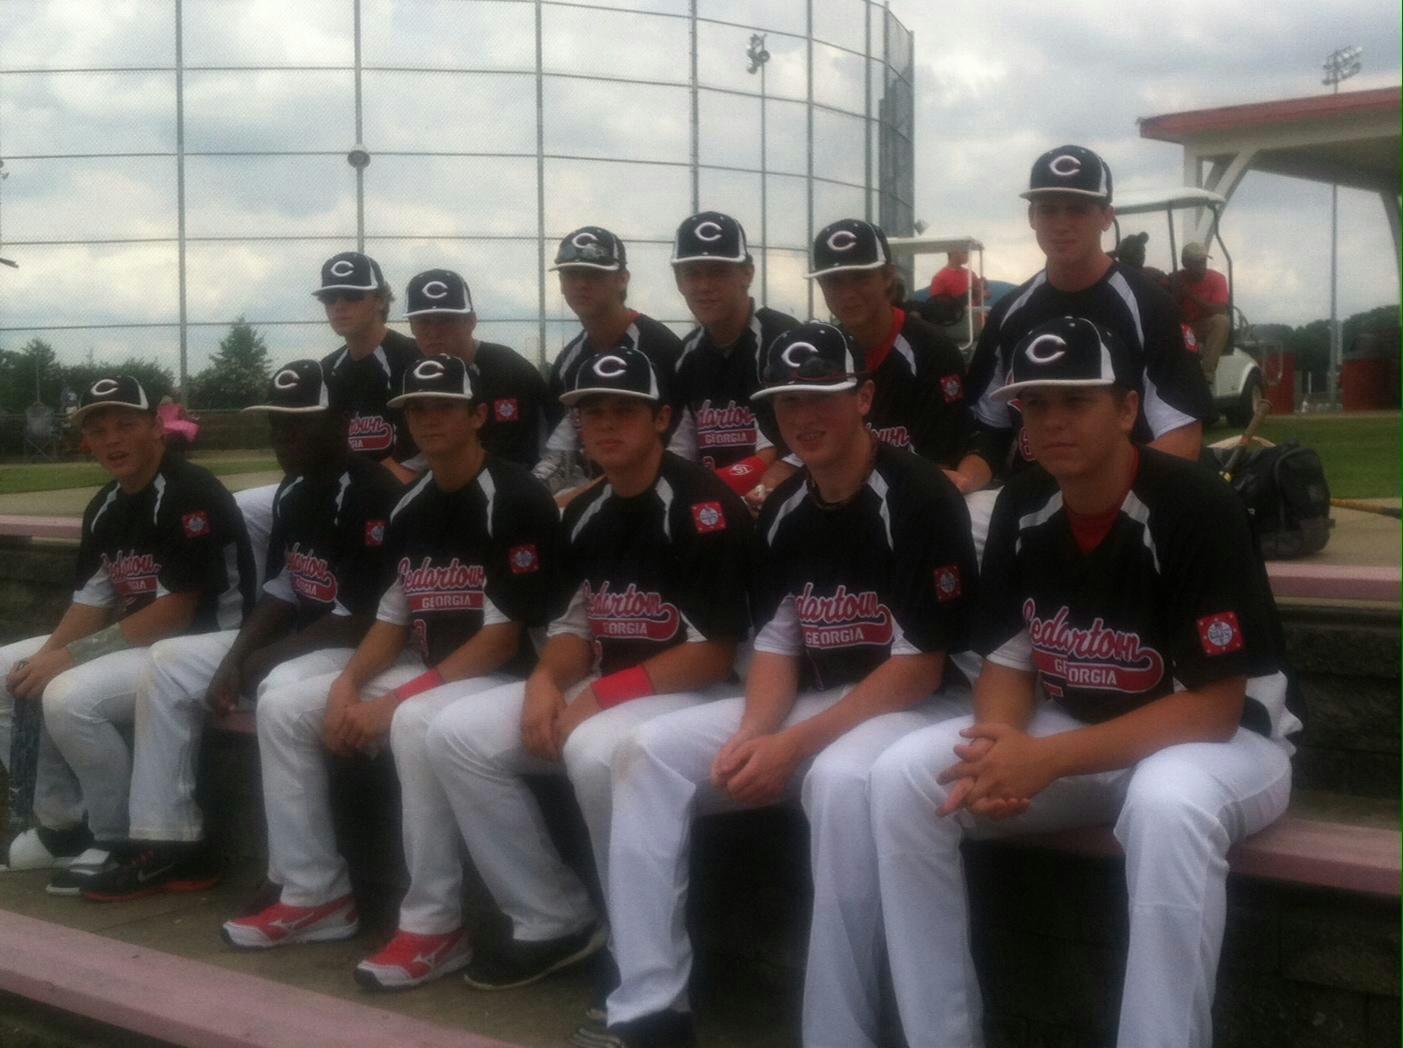 Cedartown Rec boys baseball